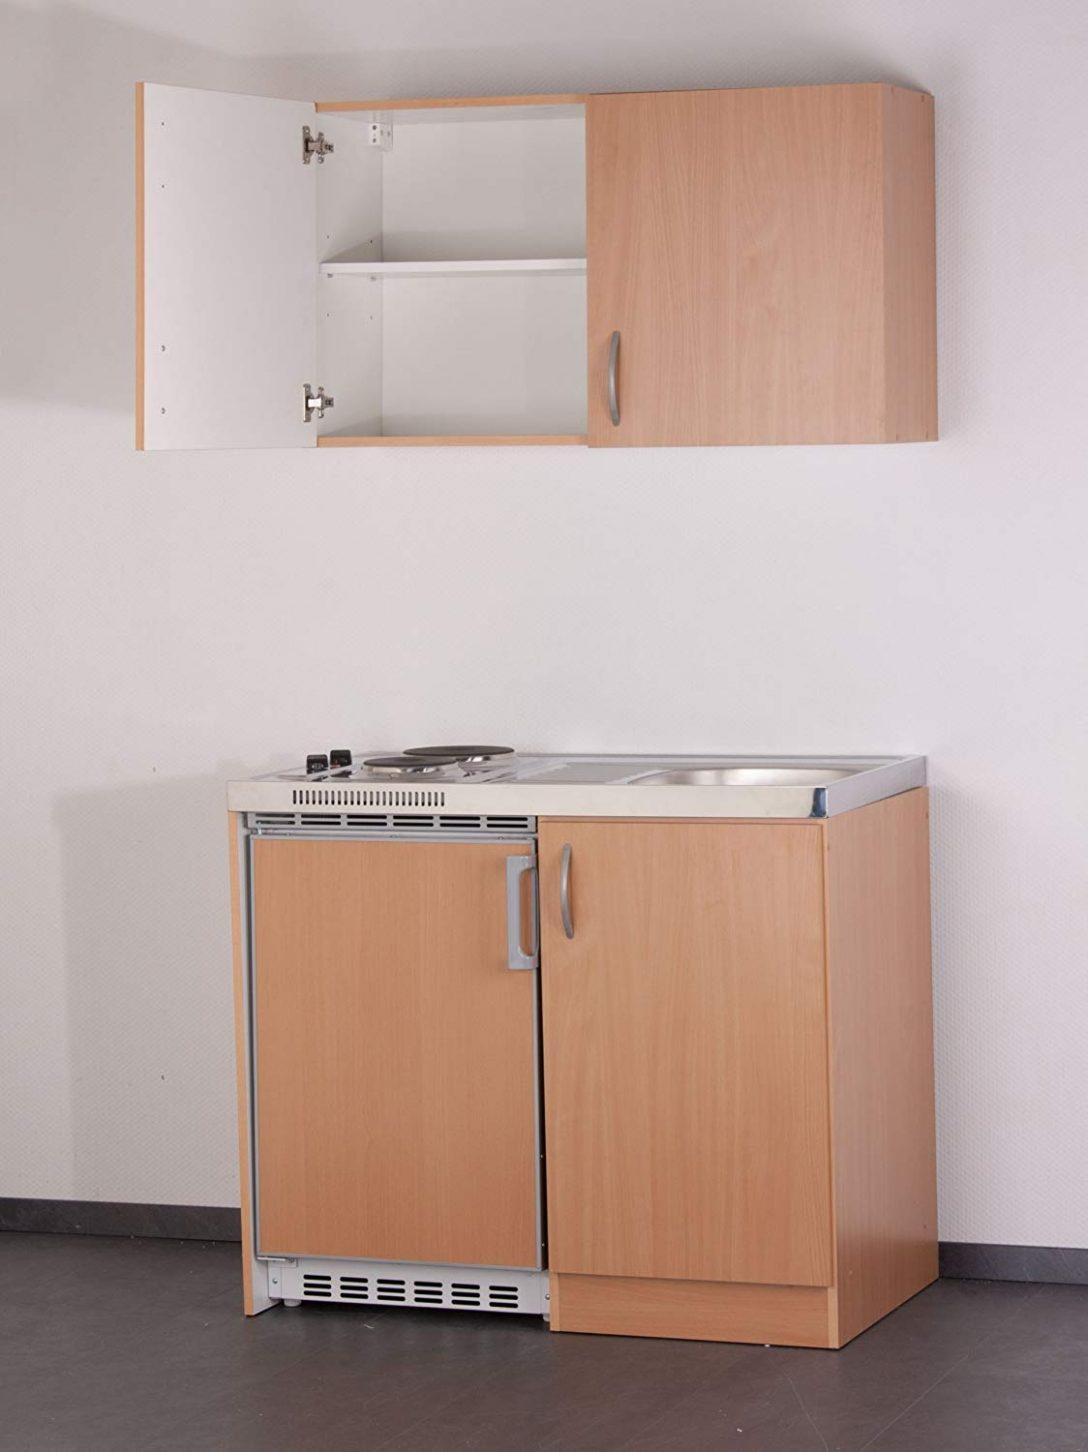 Large Size of Miniküche Kühlschrank Austauschen Miniküche Mit Kühlschrank Otto Miniküche Mit Backofen Und Kühlschrank Gebraucht Miniküche Mit Kühlschrank Poco Küche Miniküche Mit Kühlschrank